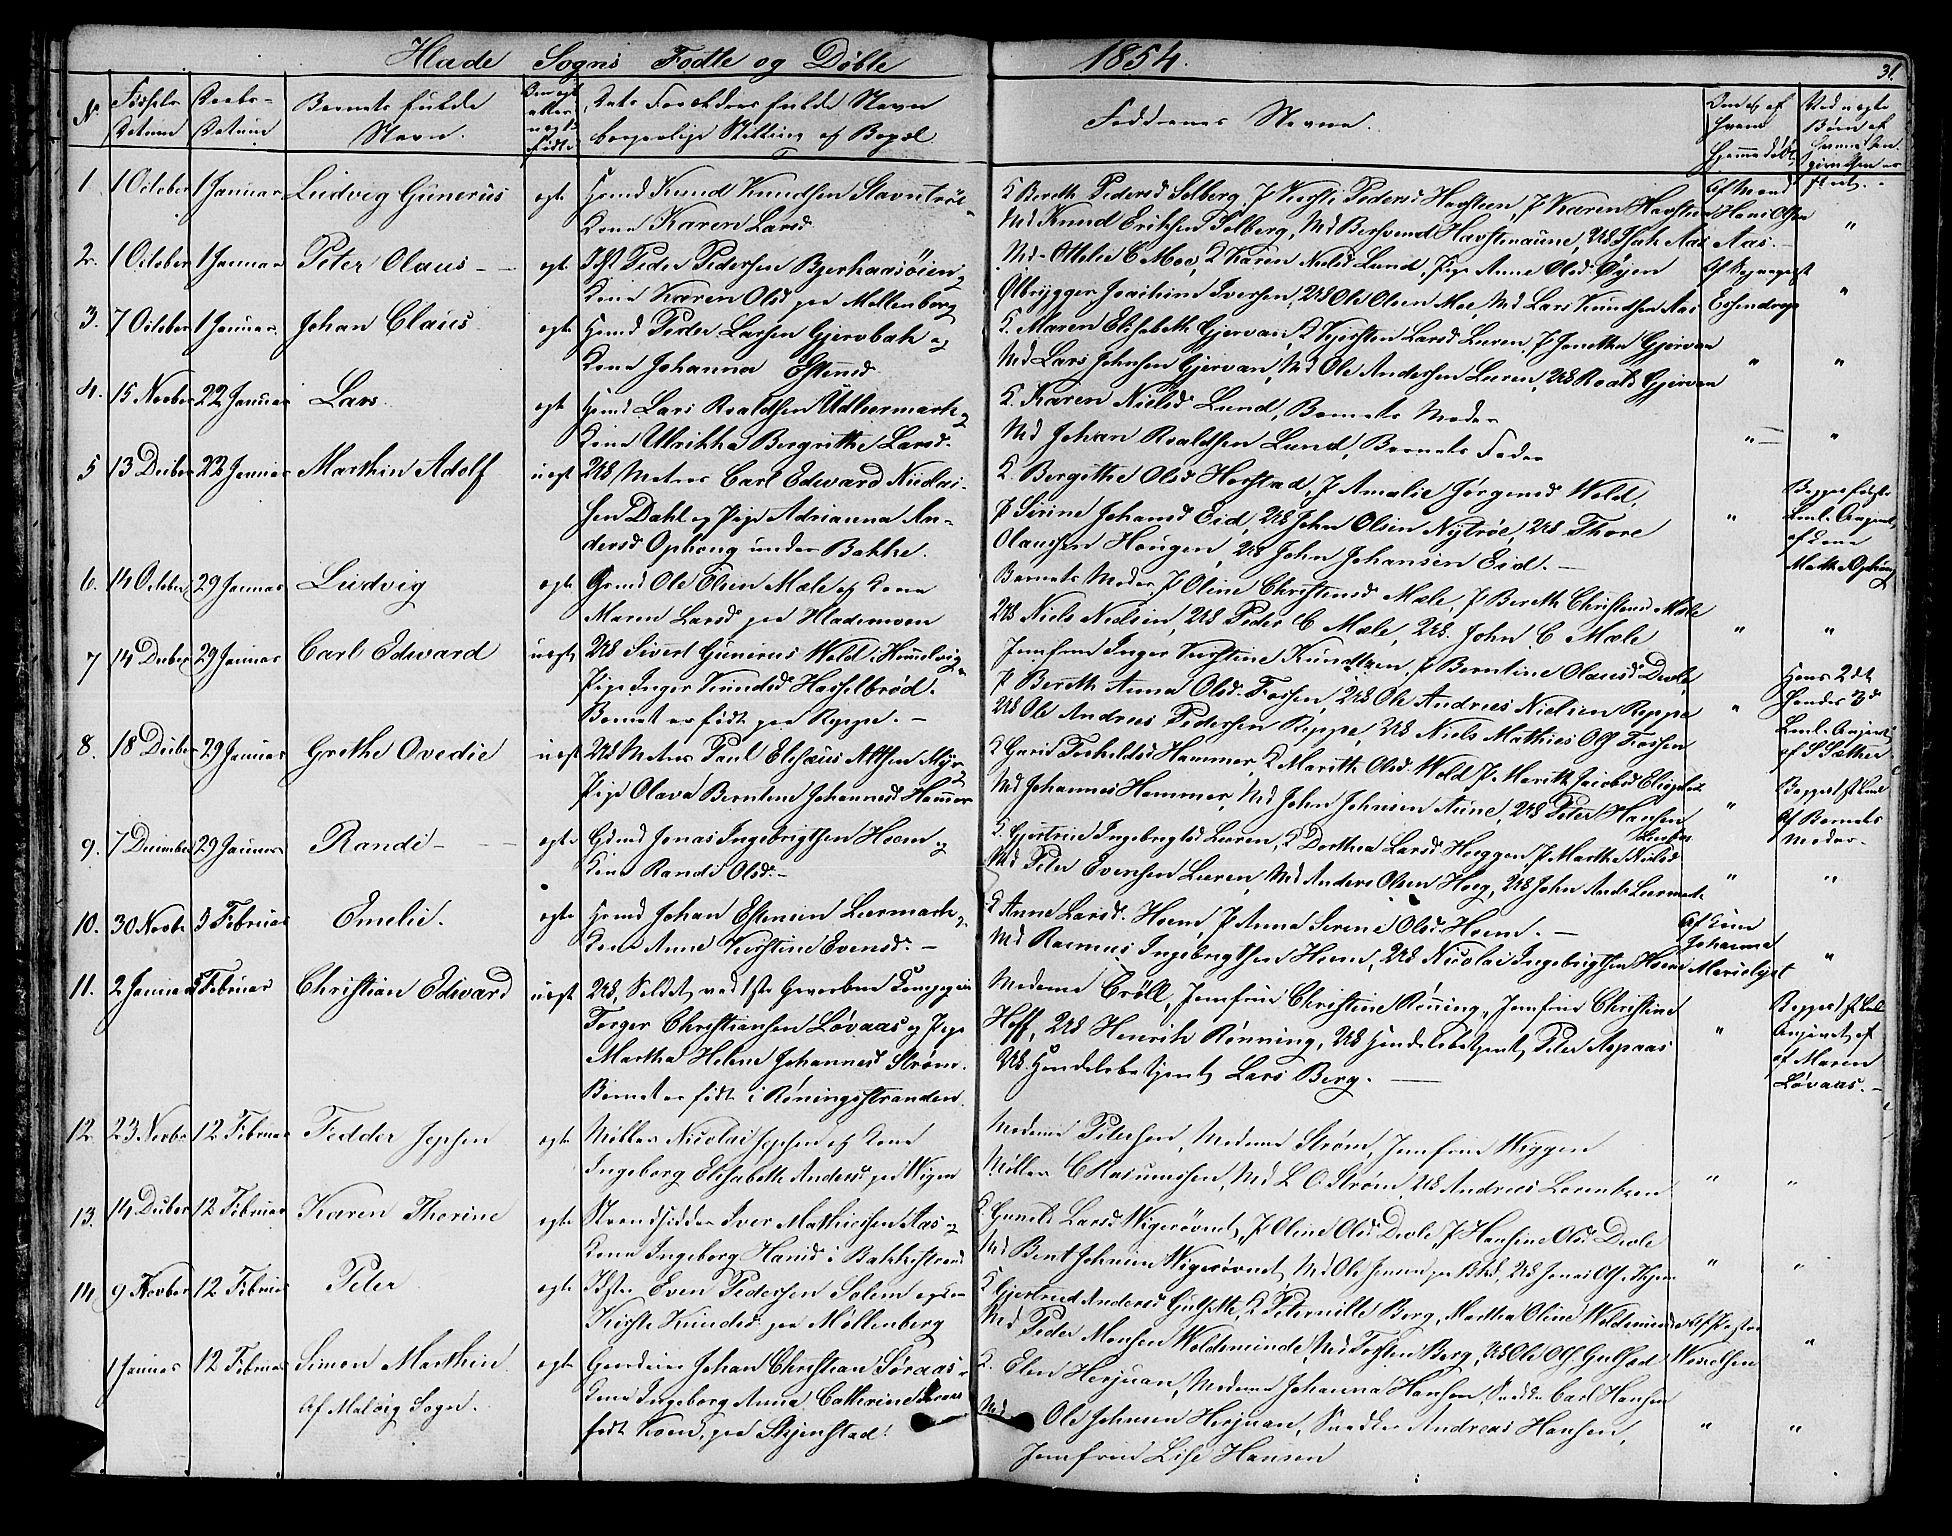 SAT, Ministerialprotokoller, klokkerbøker og fødselsregistre - Sør-Trøndelag, 606/L0310: Klokkerbok nr. 606C06, 1850-1859, s. 31